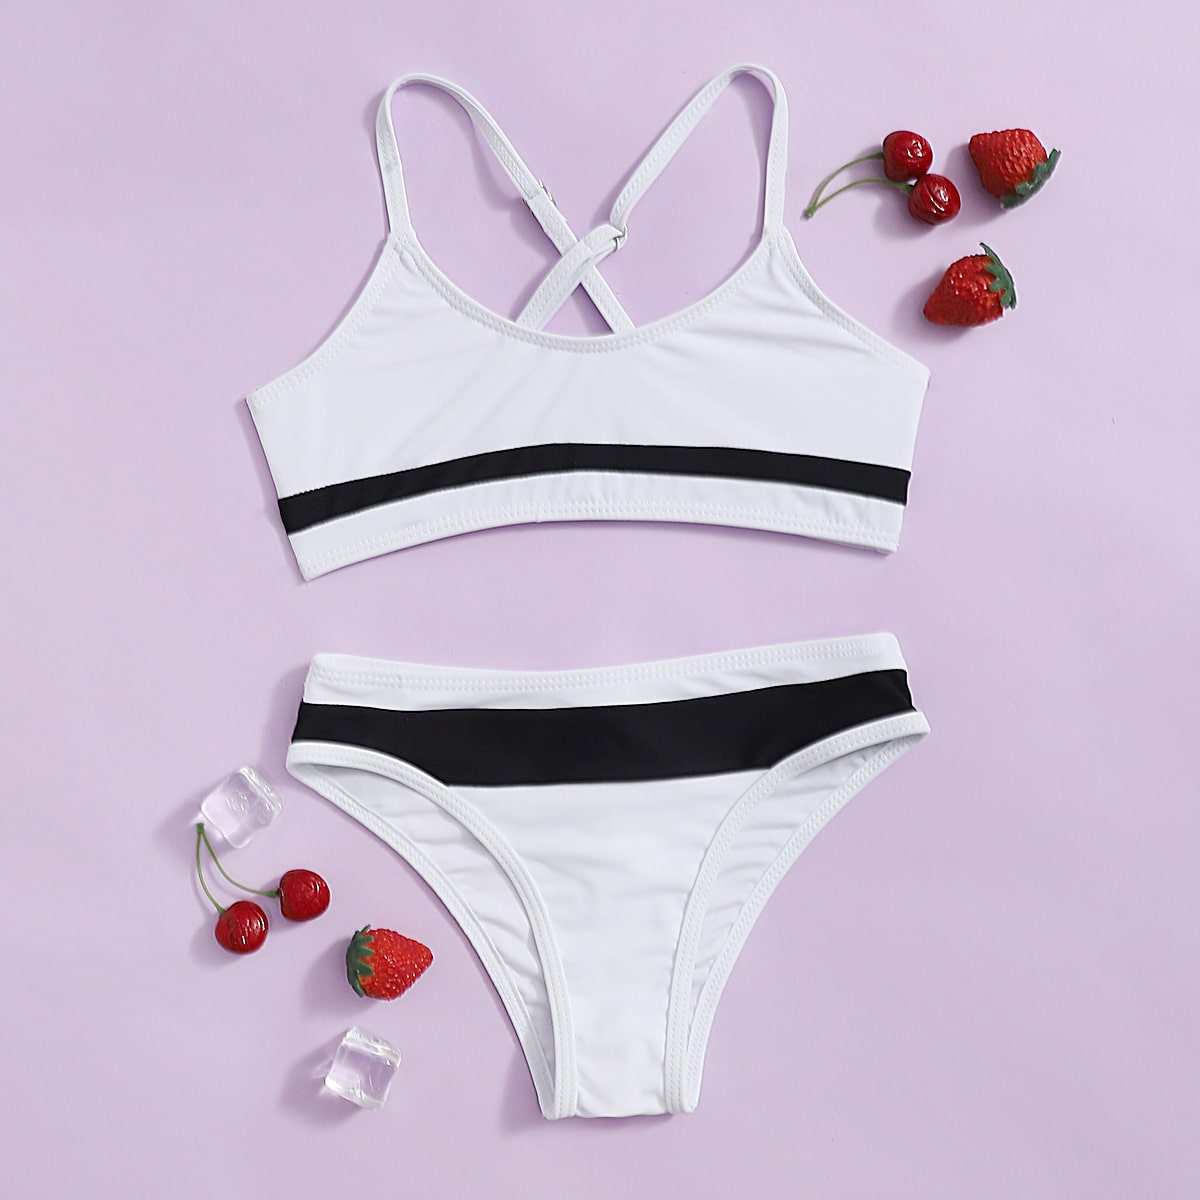 Чёрнобелые контрастный цвет спортивный купальники для девочек